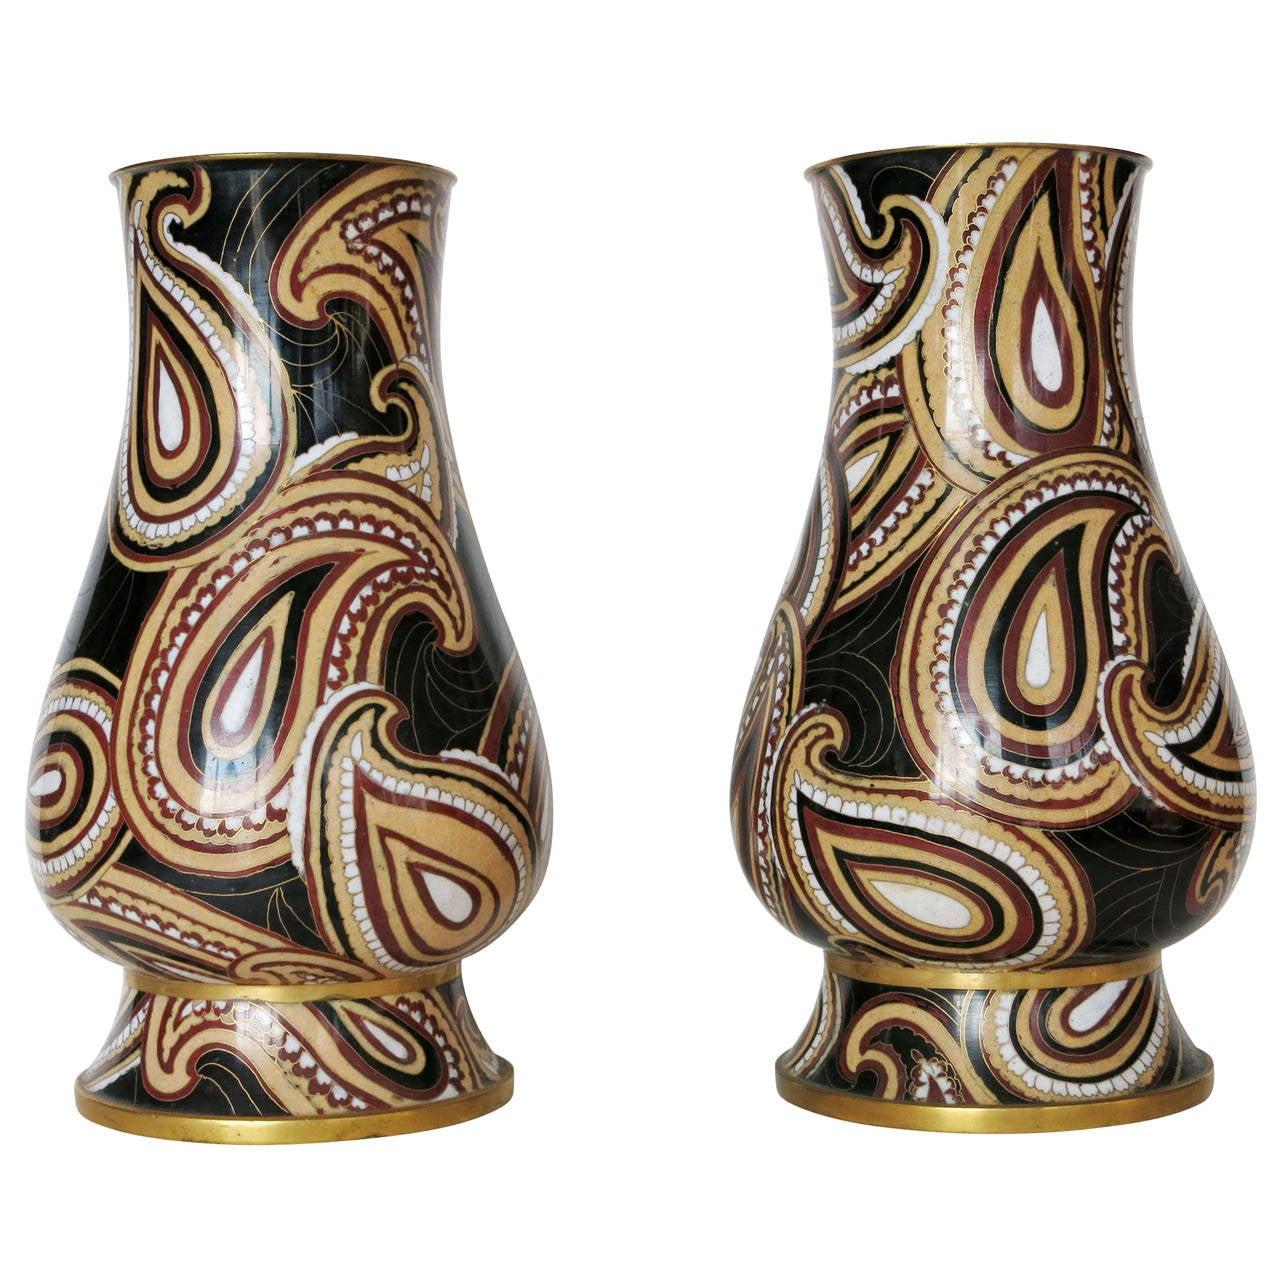 modernist mid century cloisonn vase pair for sale at 1stdibs. Black Bedroom Furniture Sets. Home Design Ideas